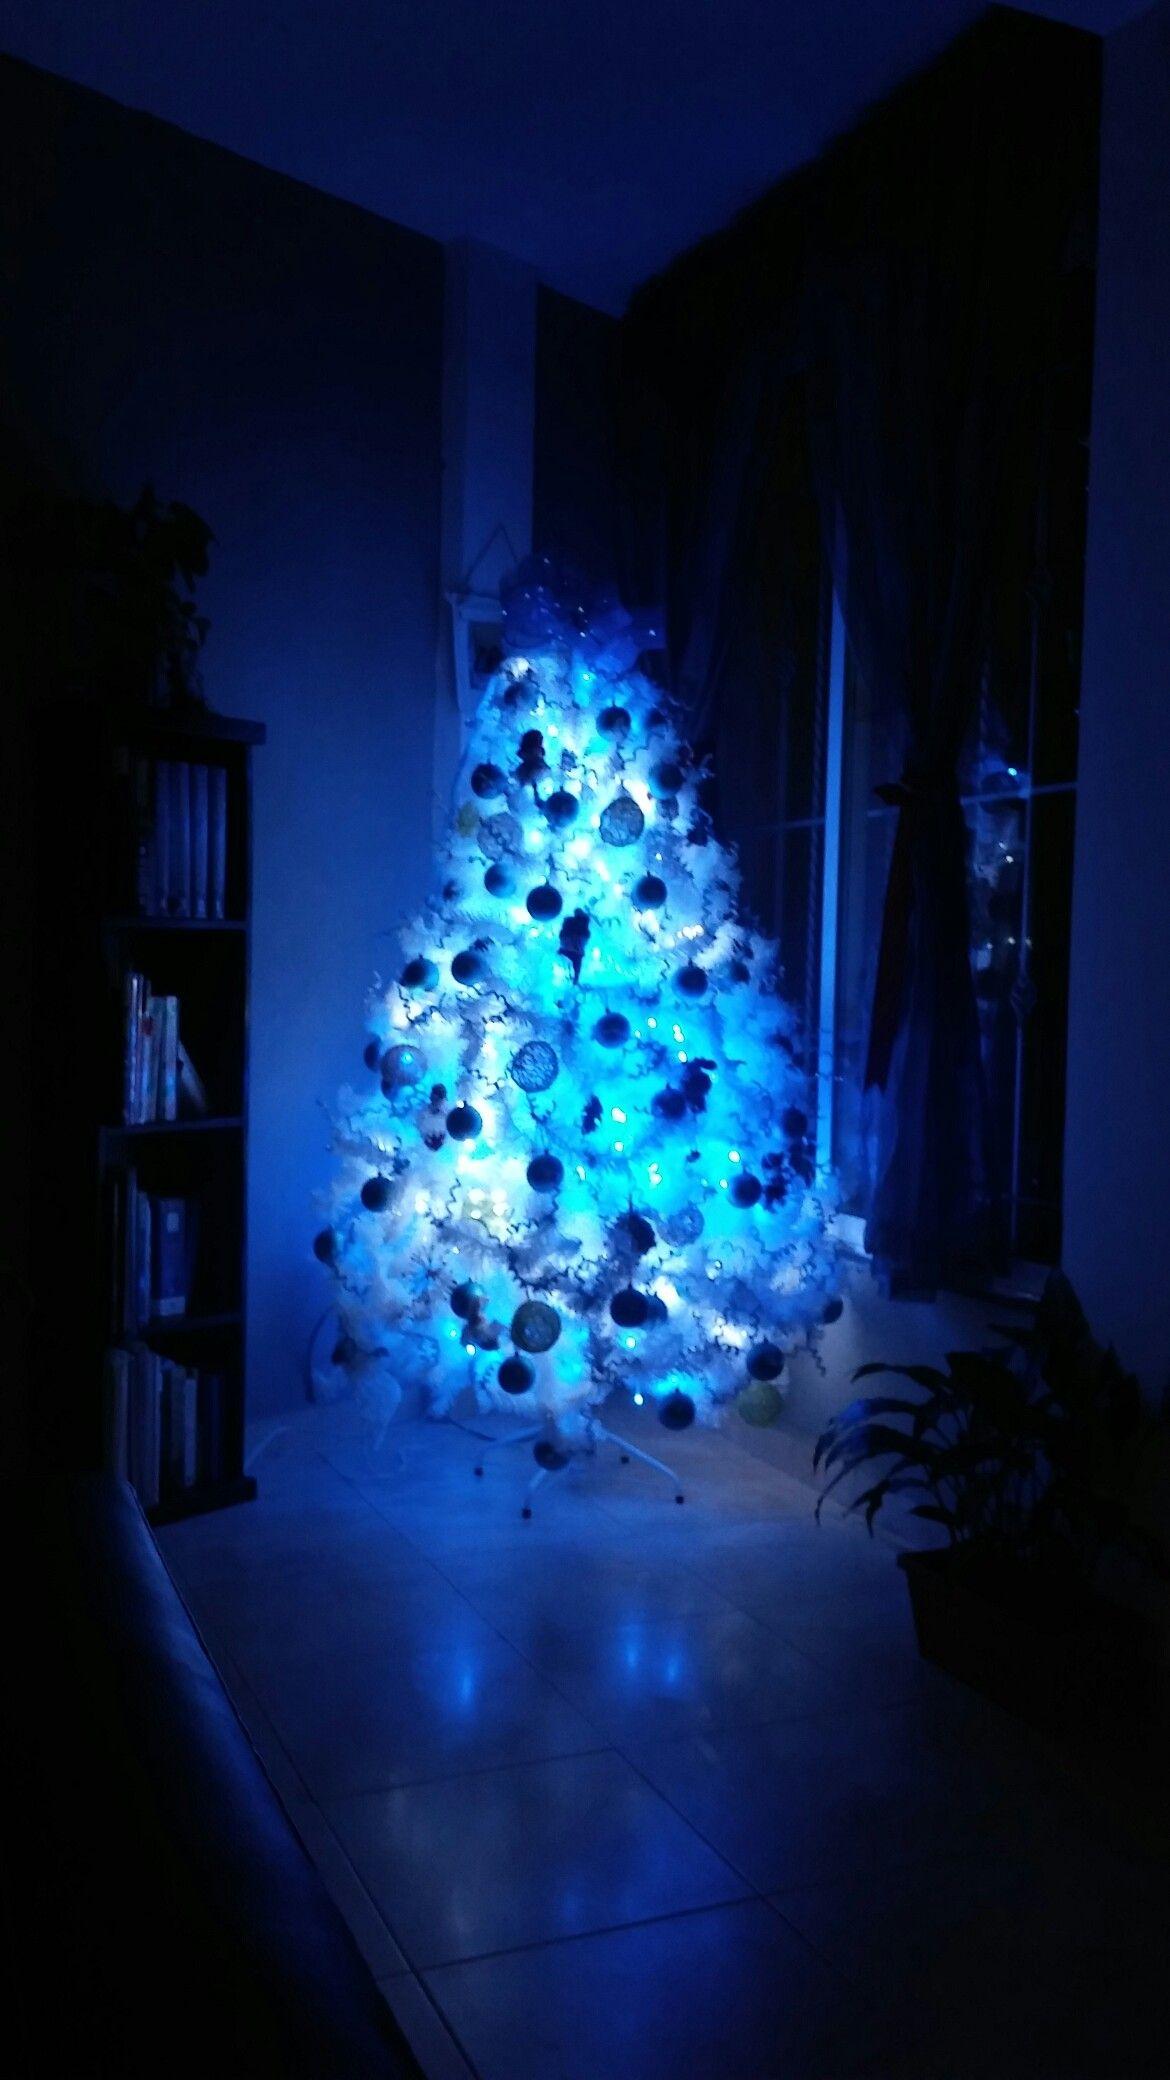 fdc458062b5b3 Árbol de navidad blanco con luz azul y blanca decorado con 60 esferas azules  y de hilo